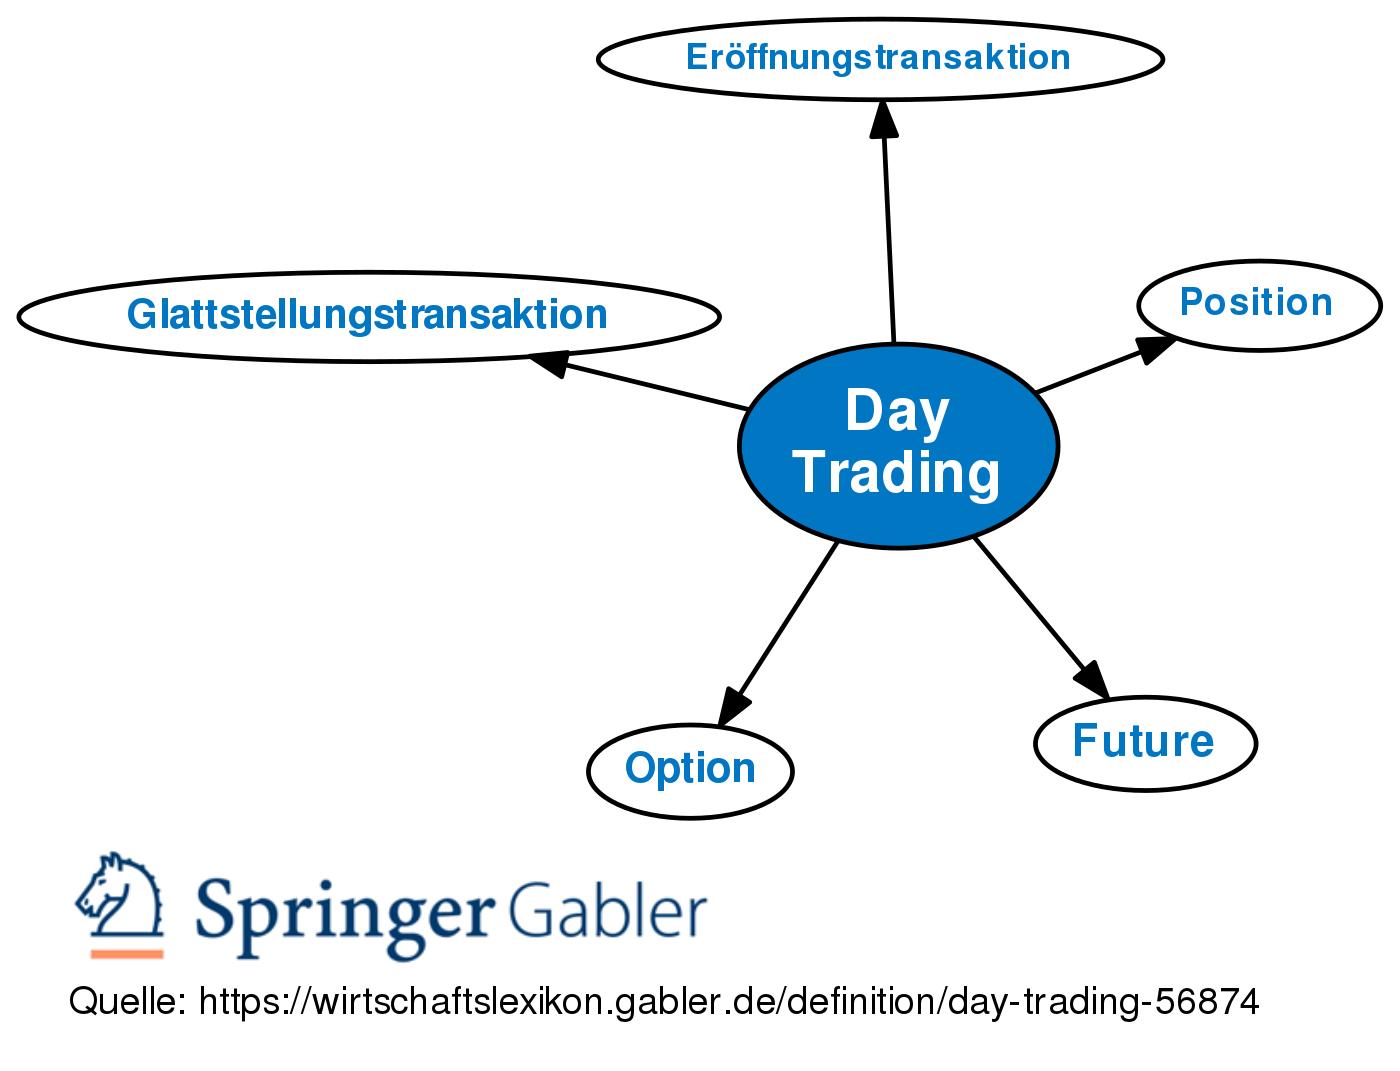 wie kann ich reich und erfolgreich werden wie viel können sie day trading futures machen